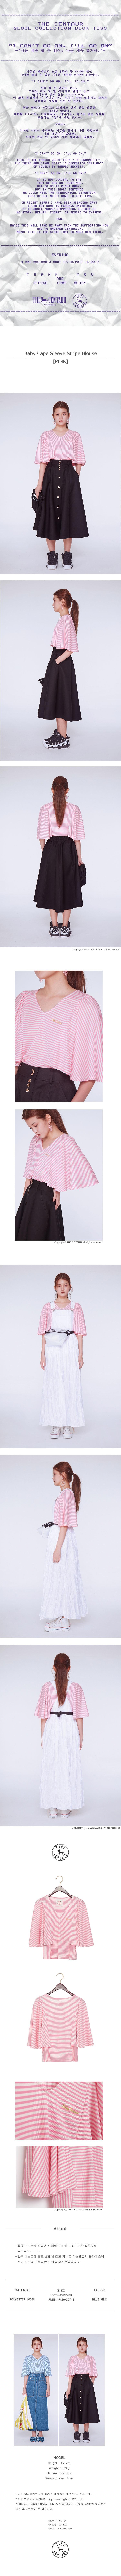 베이비센토르(BABYCENTAUR) 베이비 케이프 슬리브 스트라이프 티셔츠 [핑크]